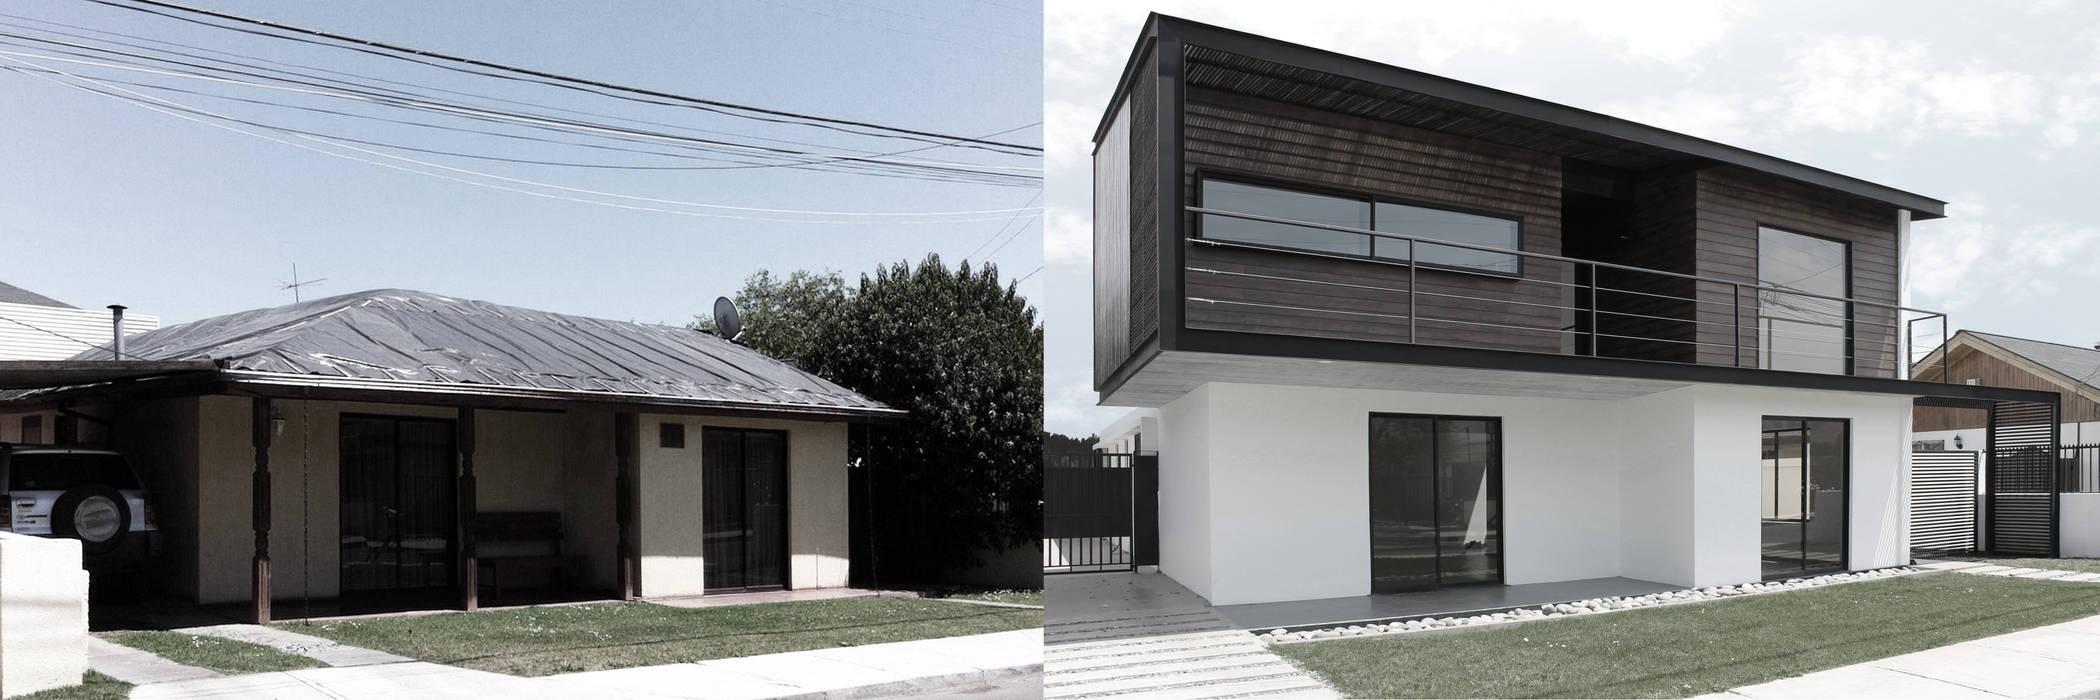 Casa Limonares Landeros y Charles Arquitectos, Chile de Landeros & Charles Architects Moderno